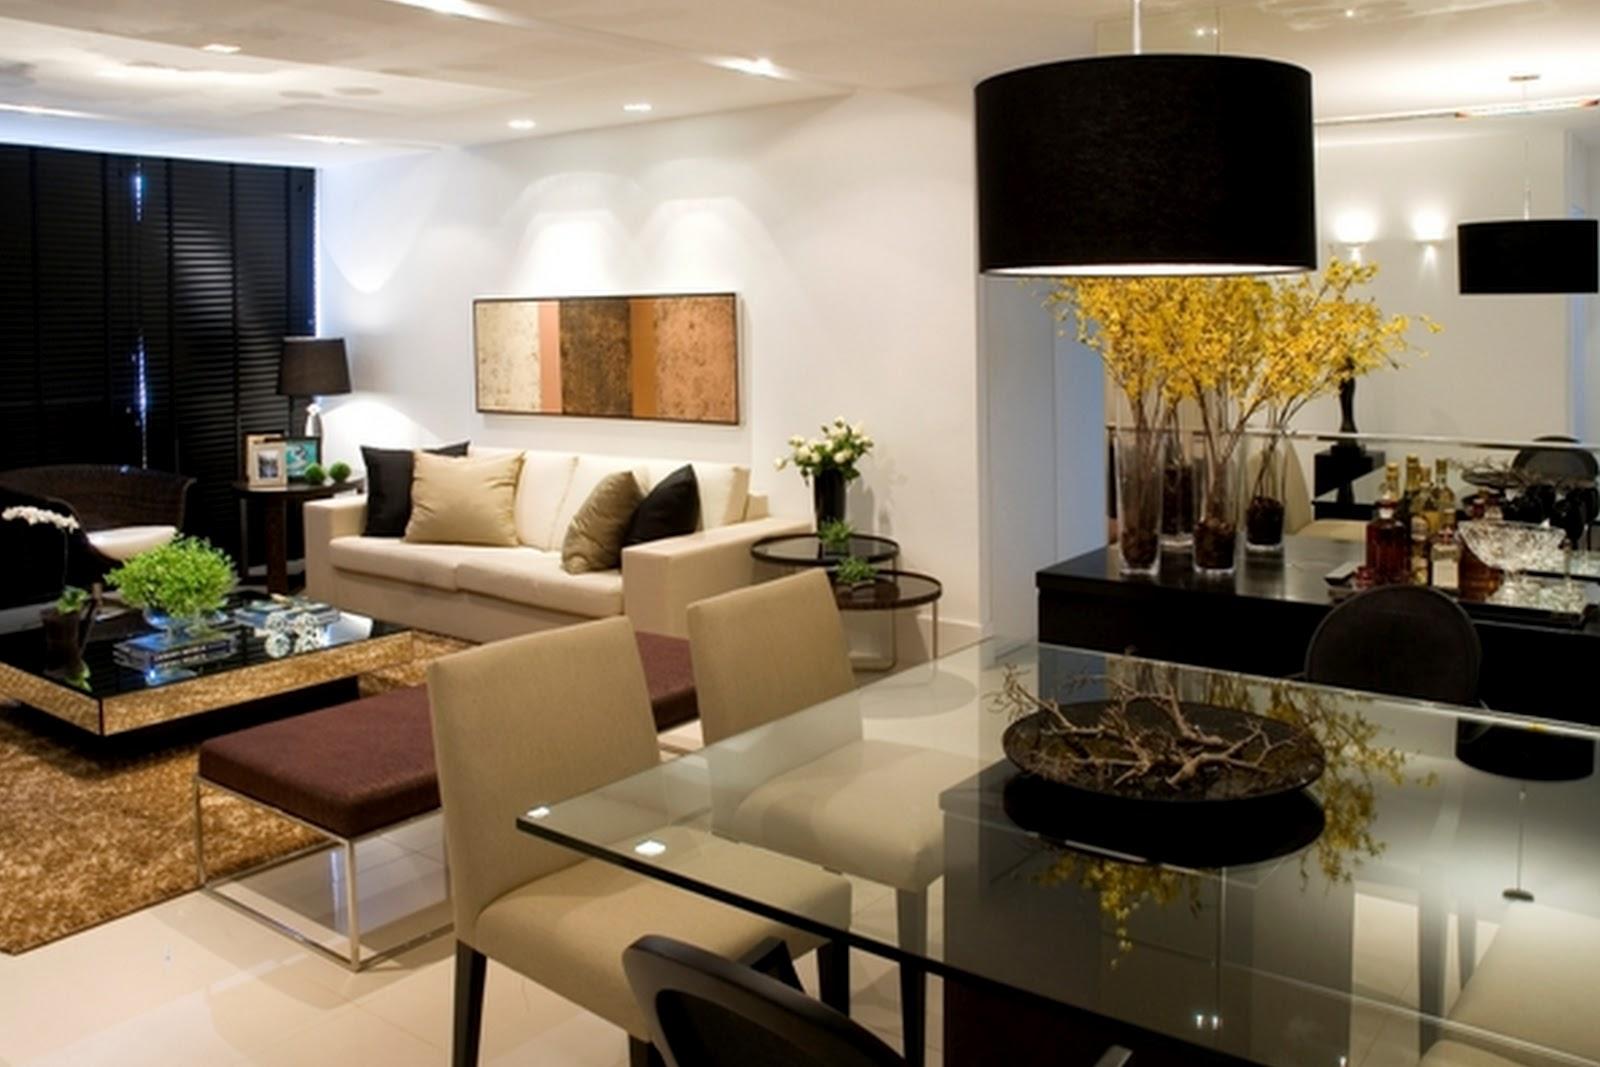 ambientes multifuncionais On comedor y sala de estar decorados